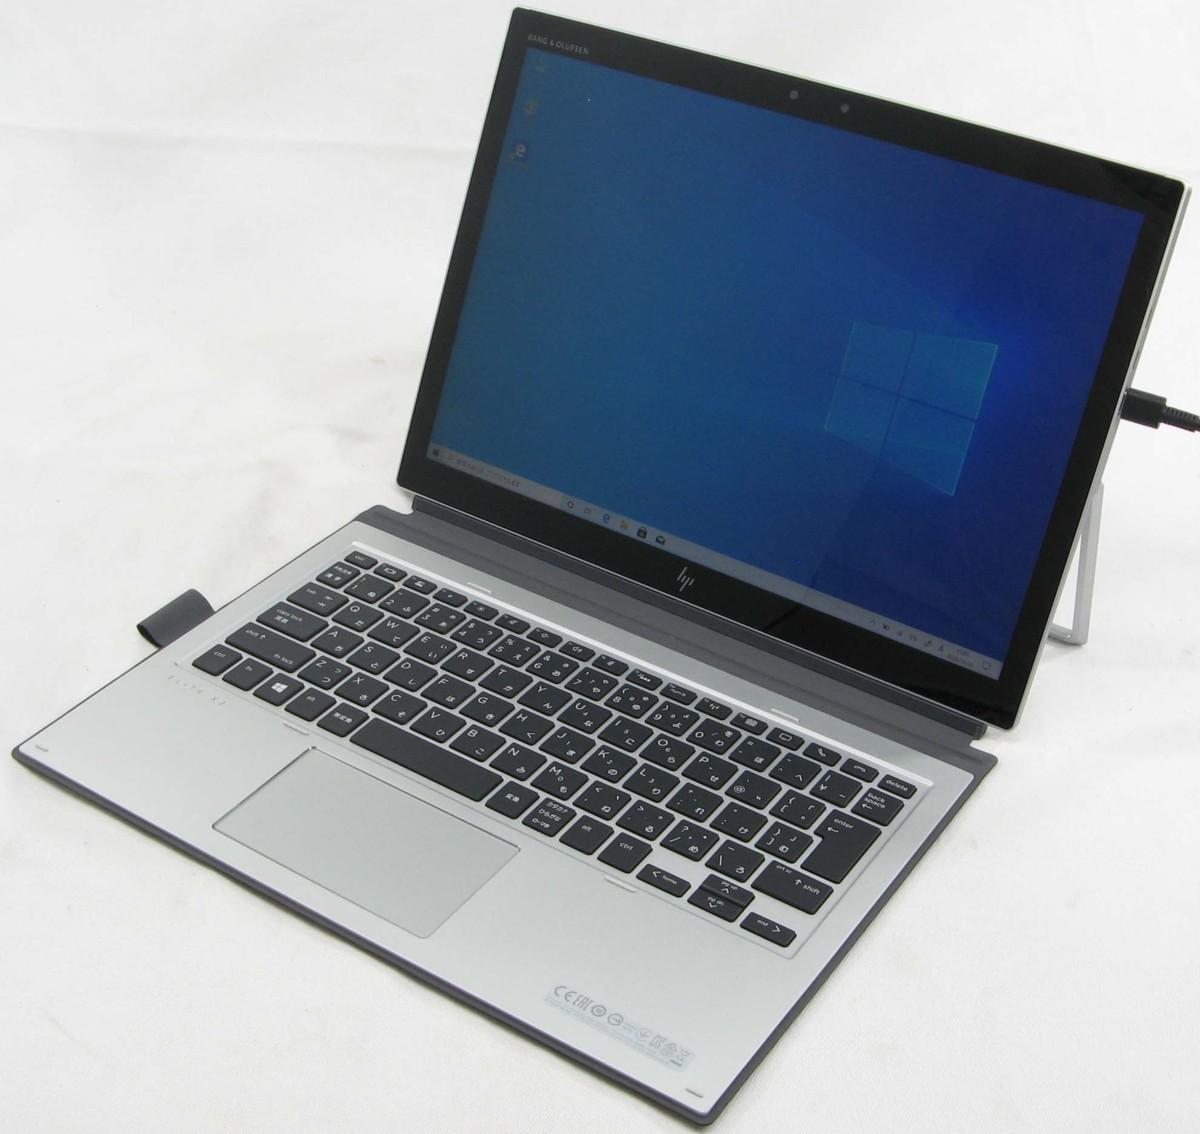 A2-8703/HP Elite x2 1013 G3 第8世代 Corei7 メモリ 16GB SSD 1TB Windows 10 タブレット